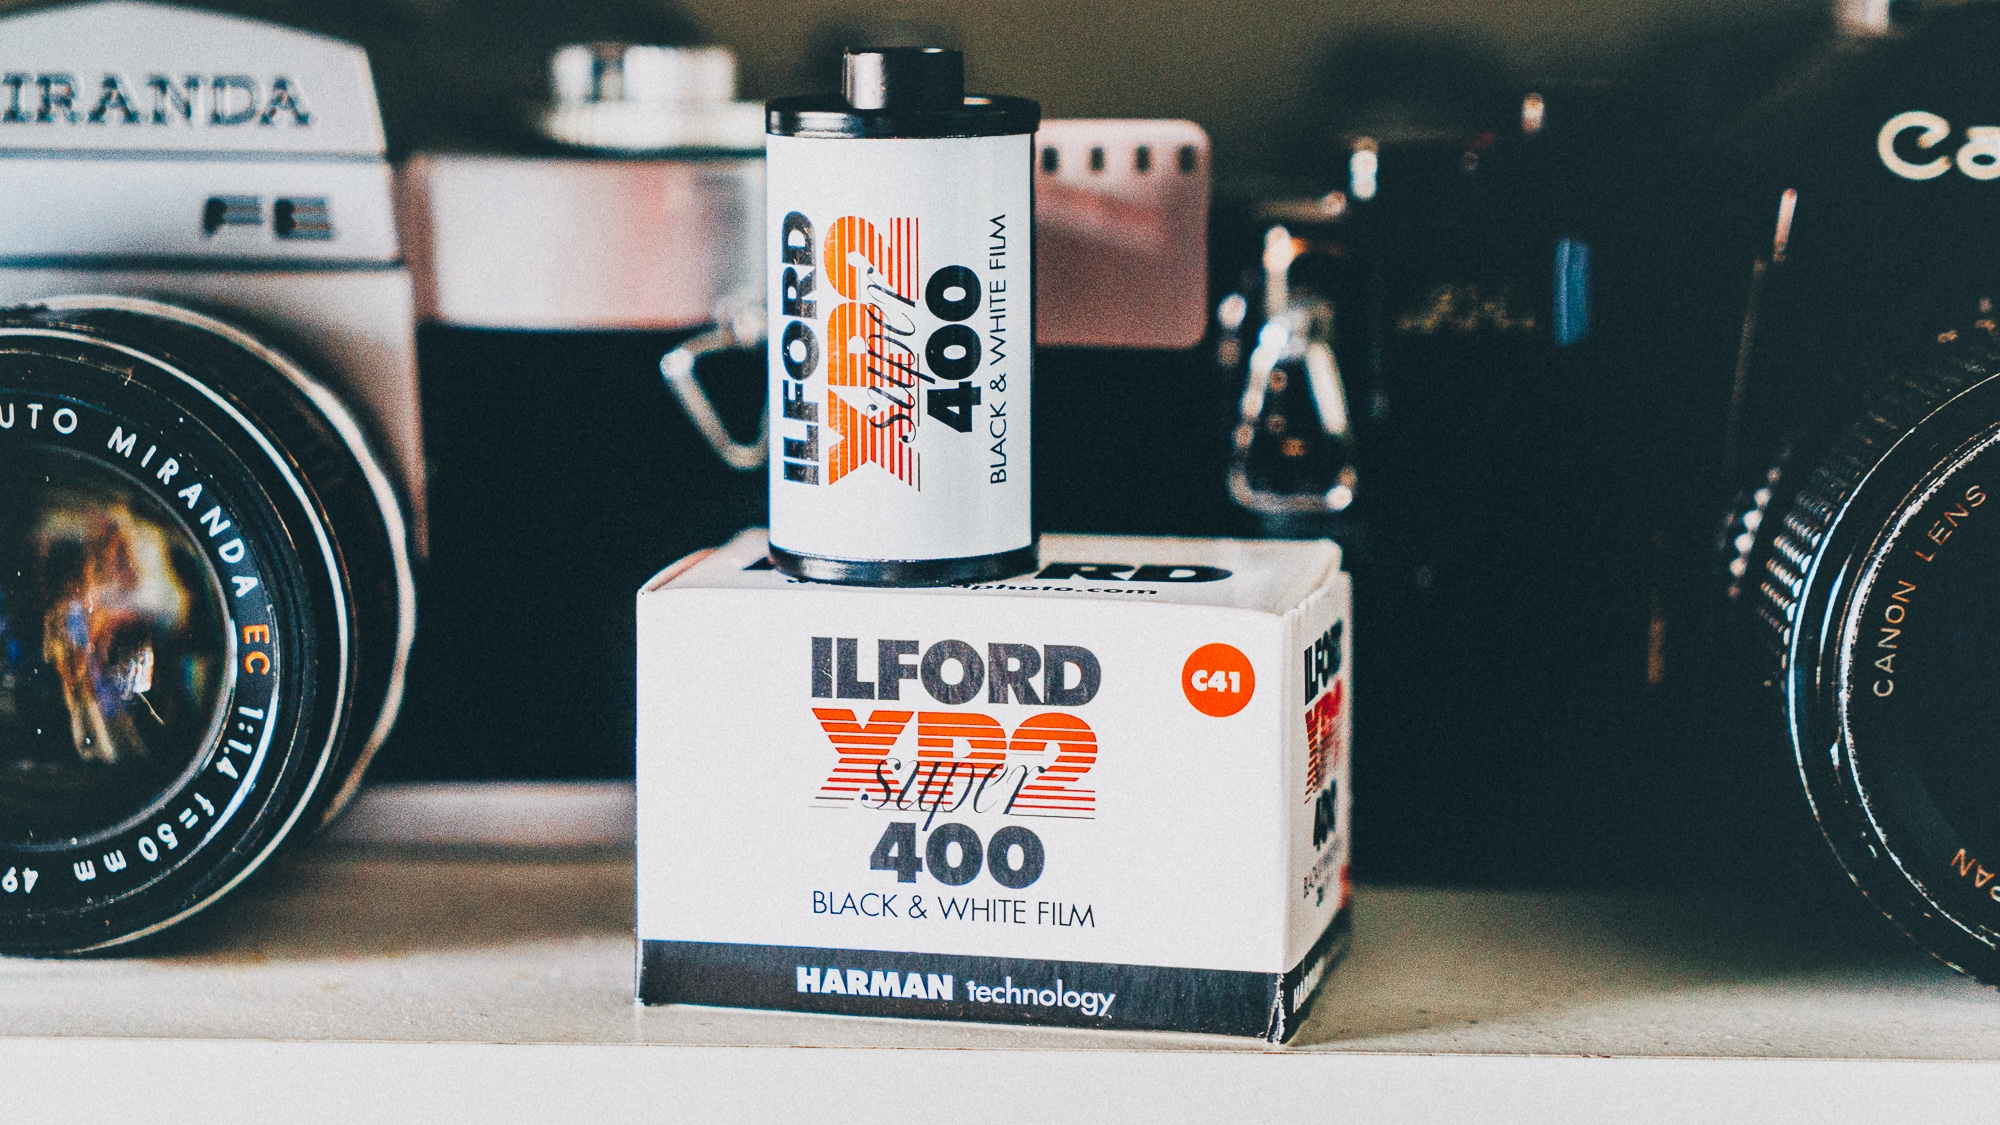 Débuter en photo noir et blanc avec la Ilford XP2